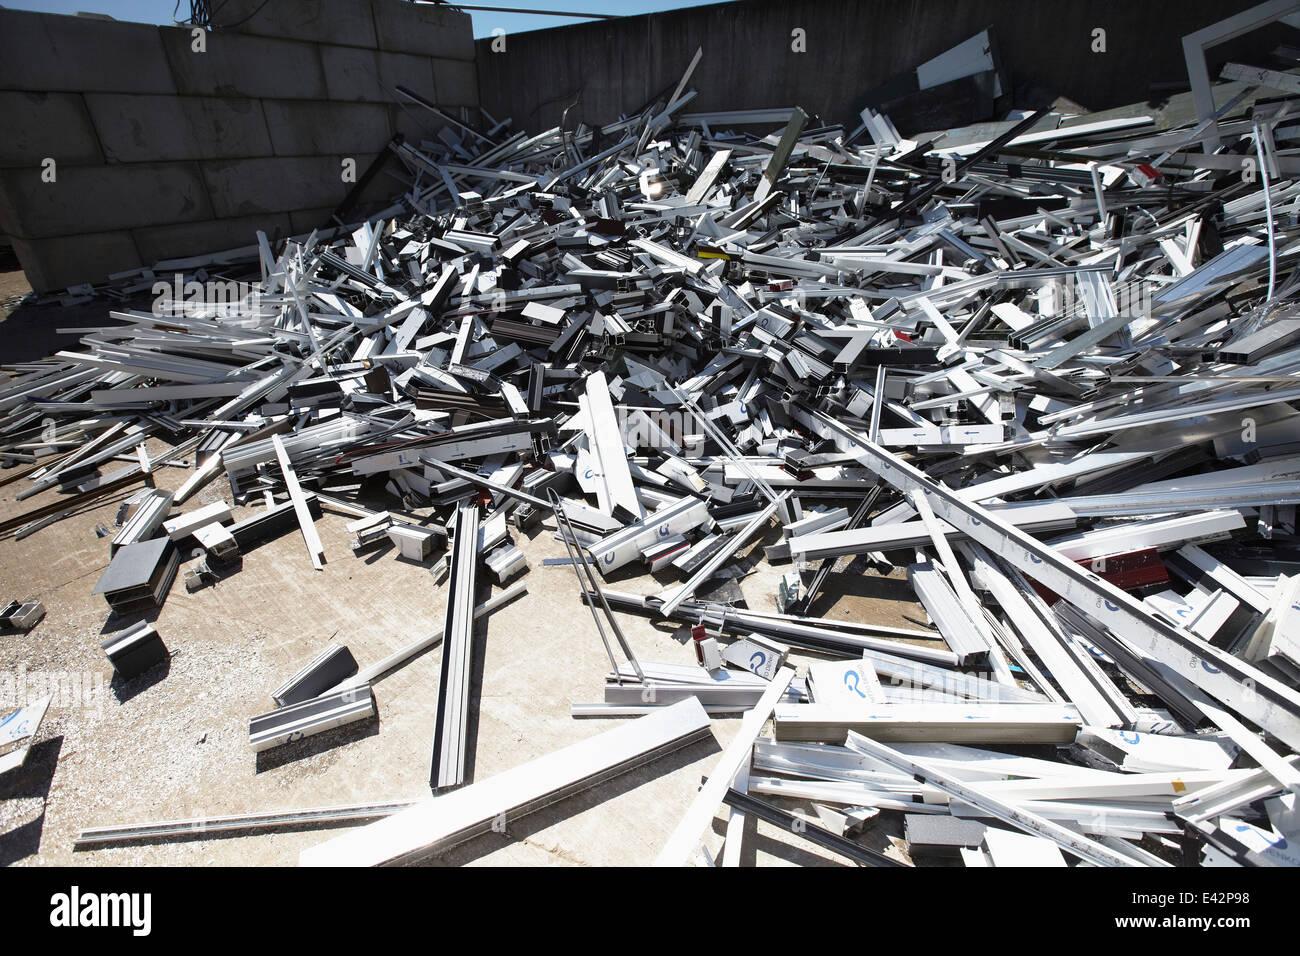 Heap of aluminium parts in scrap yard - Stock Image